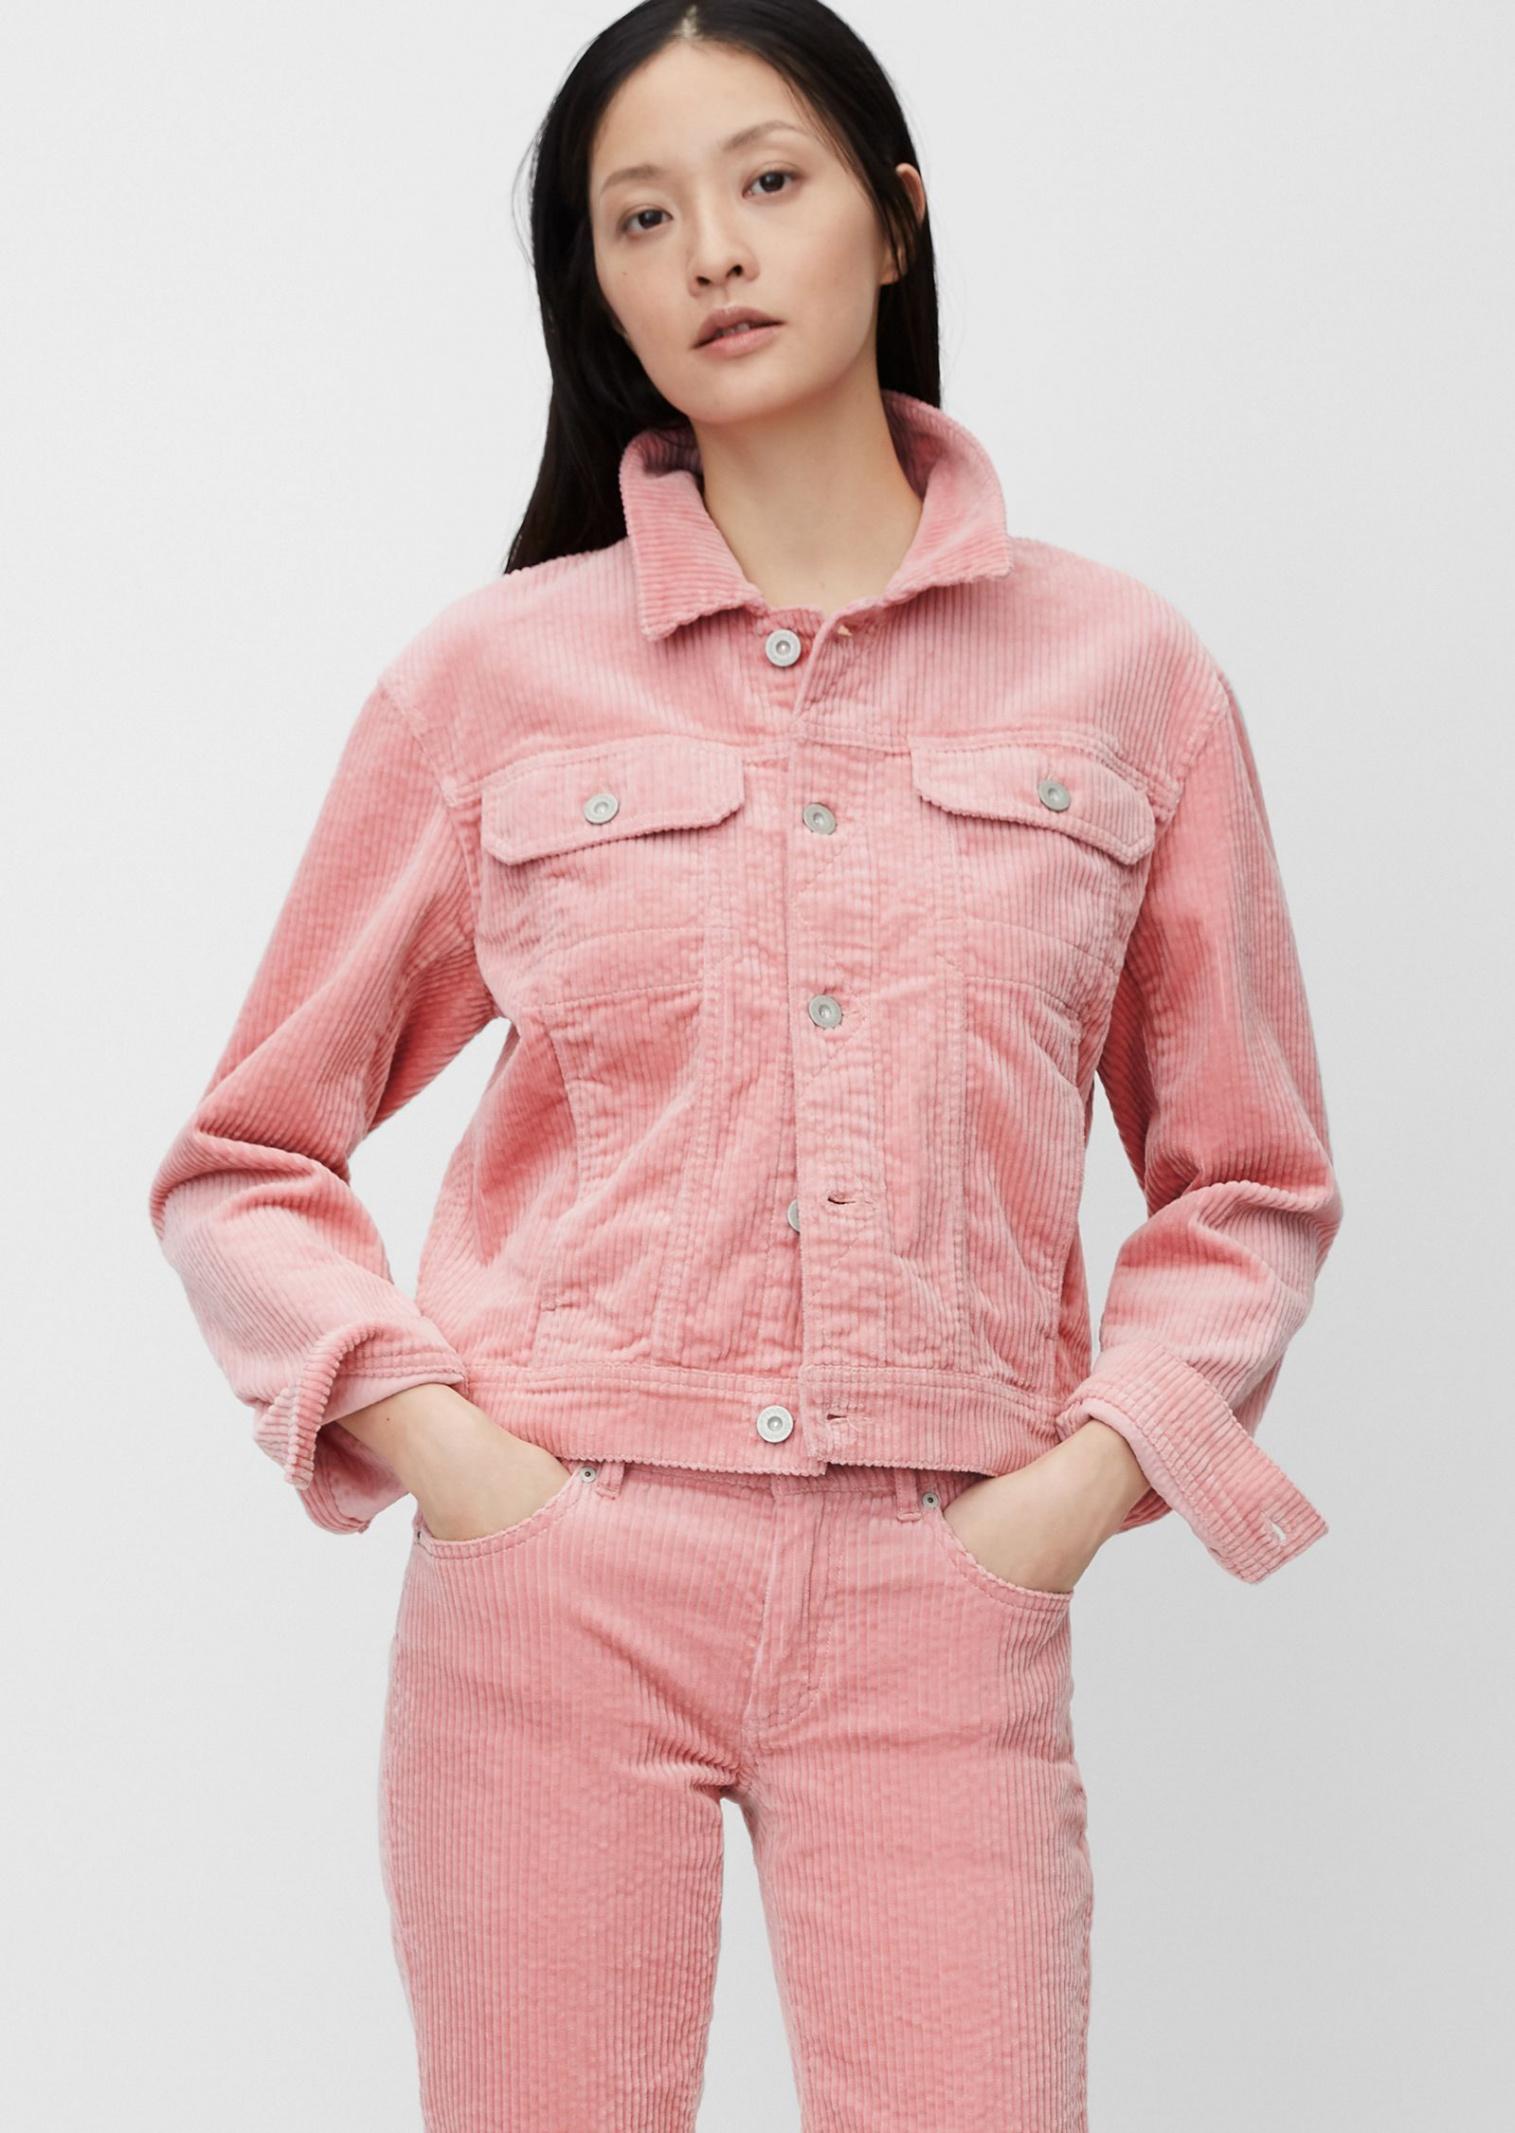 MARC O'POLO Куртка жіночі модель 000044425033-612 характеристики, 2017